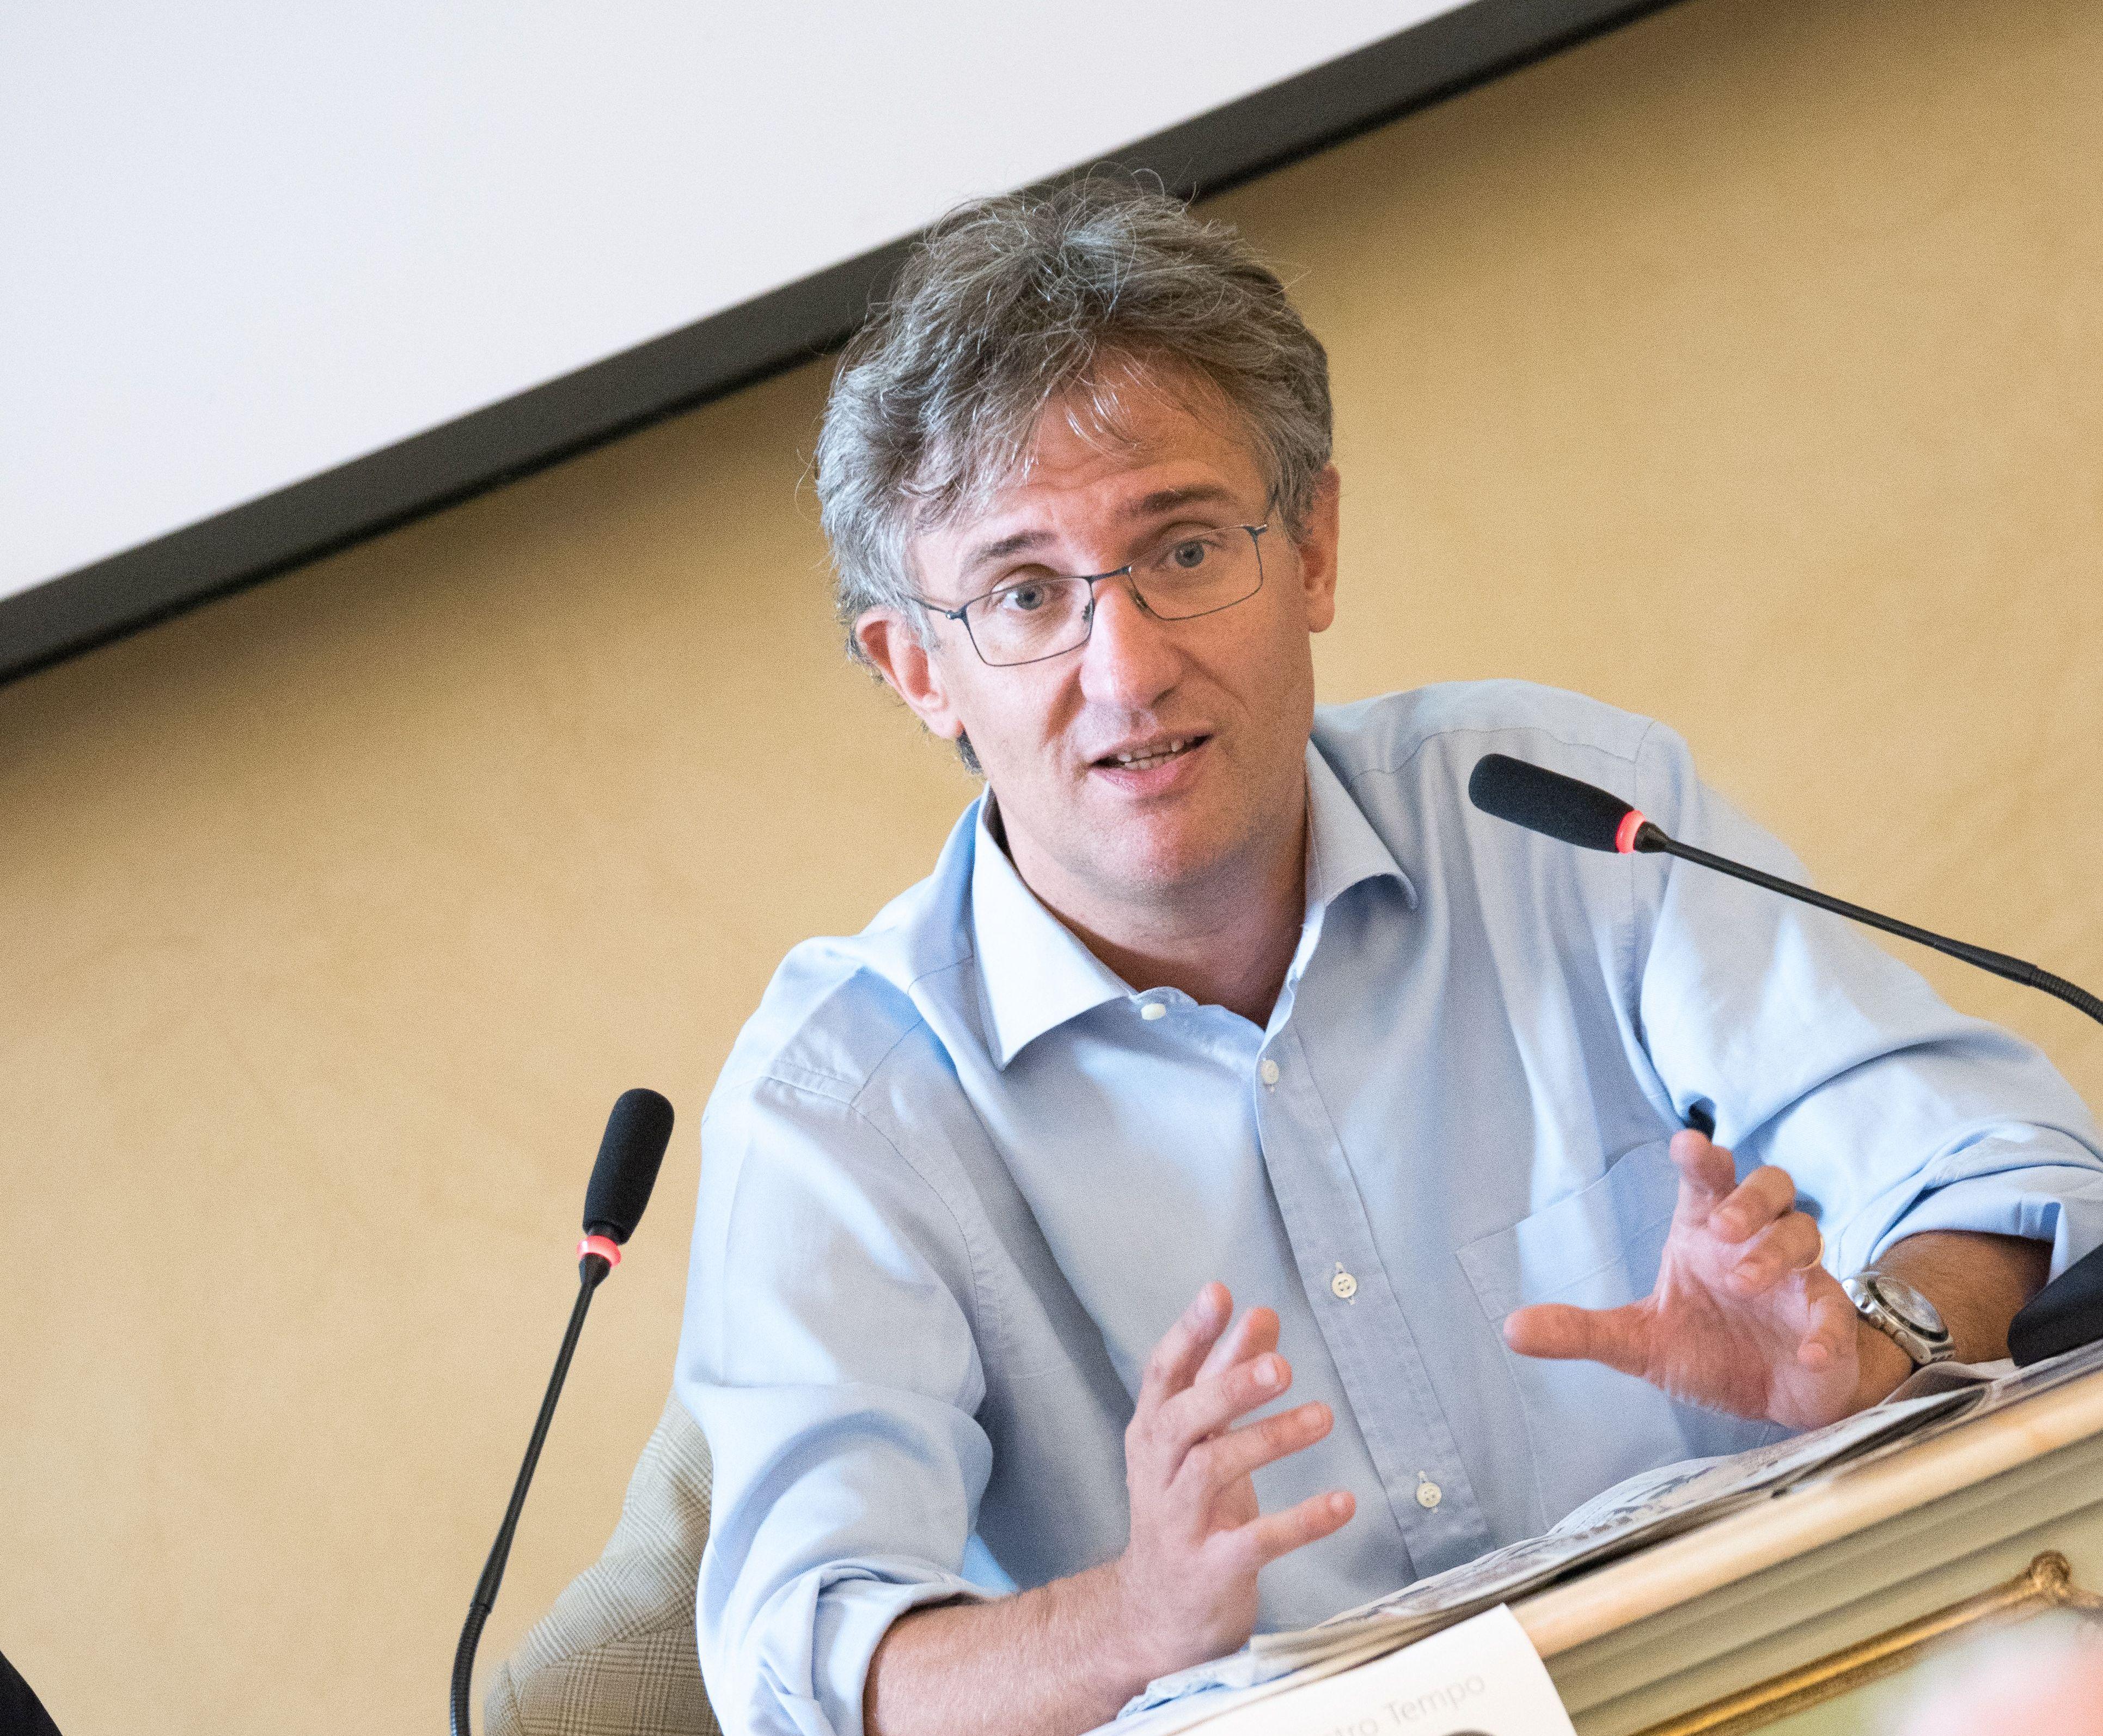 Alberto Riccadonna Futurabile